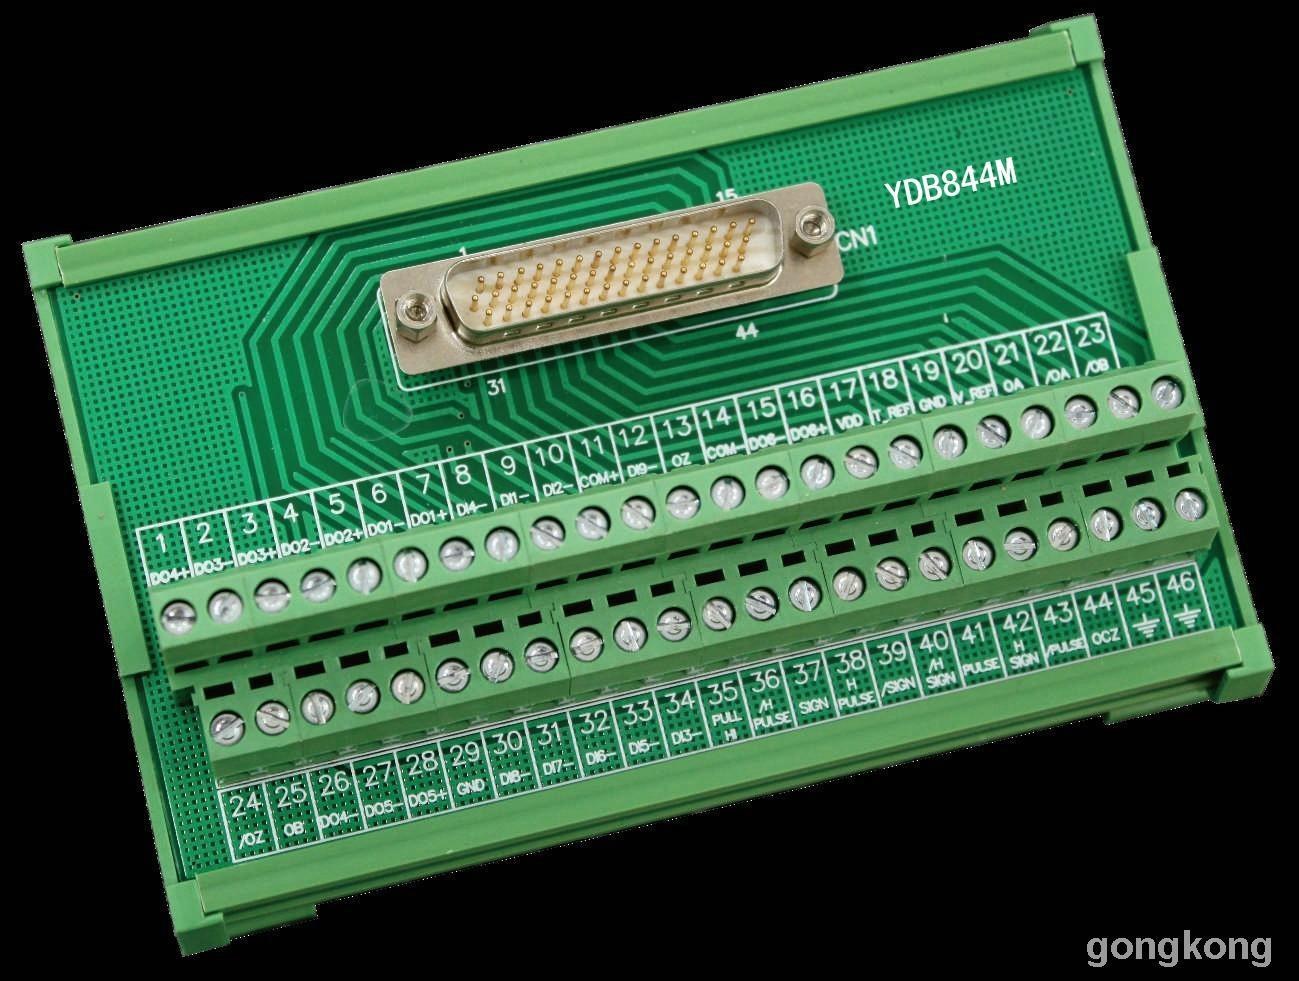 仿欧姆龙继电器 台达伺服驱动器模组  YDB844M宇联模组块